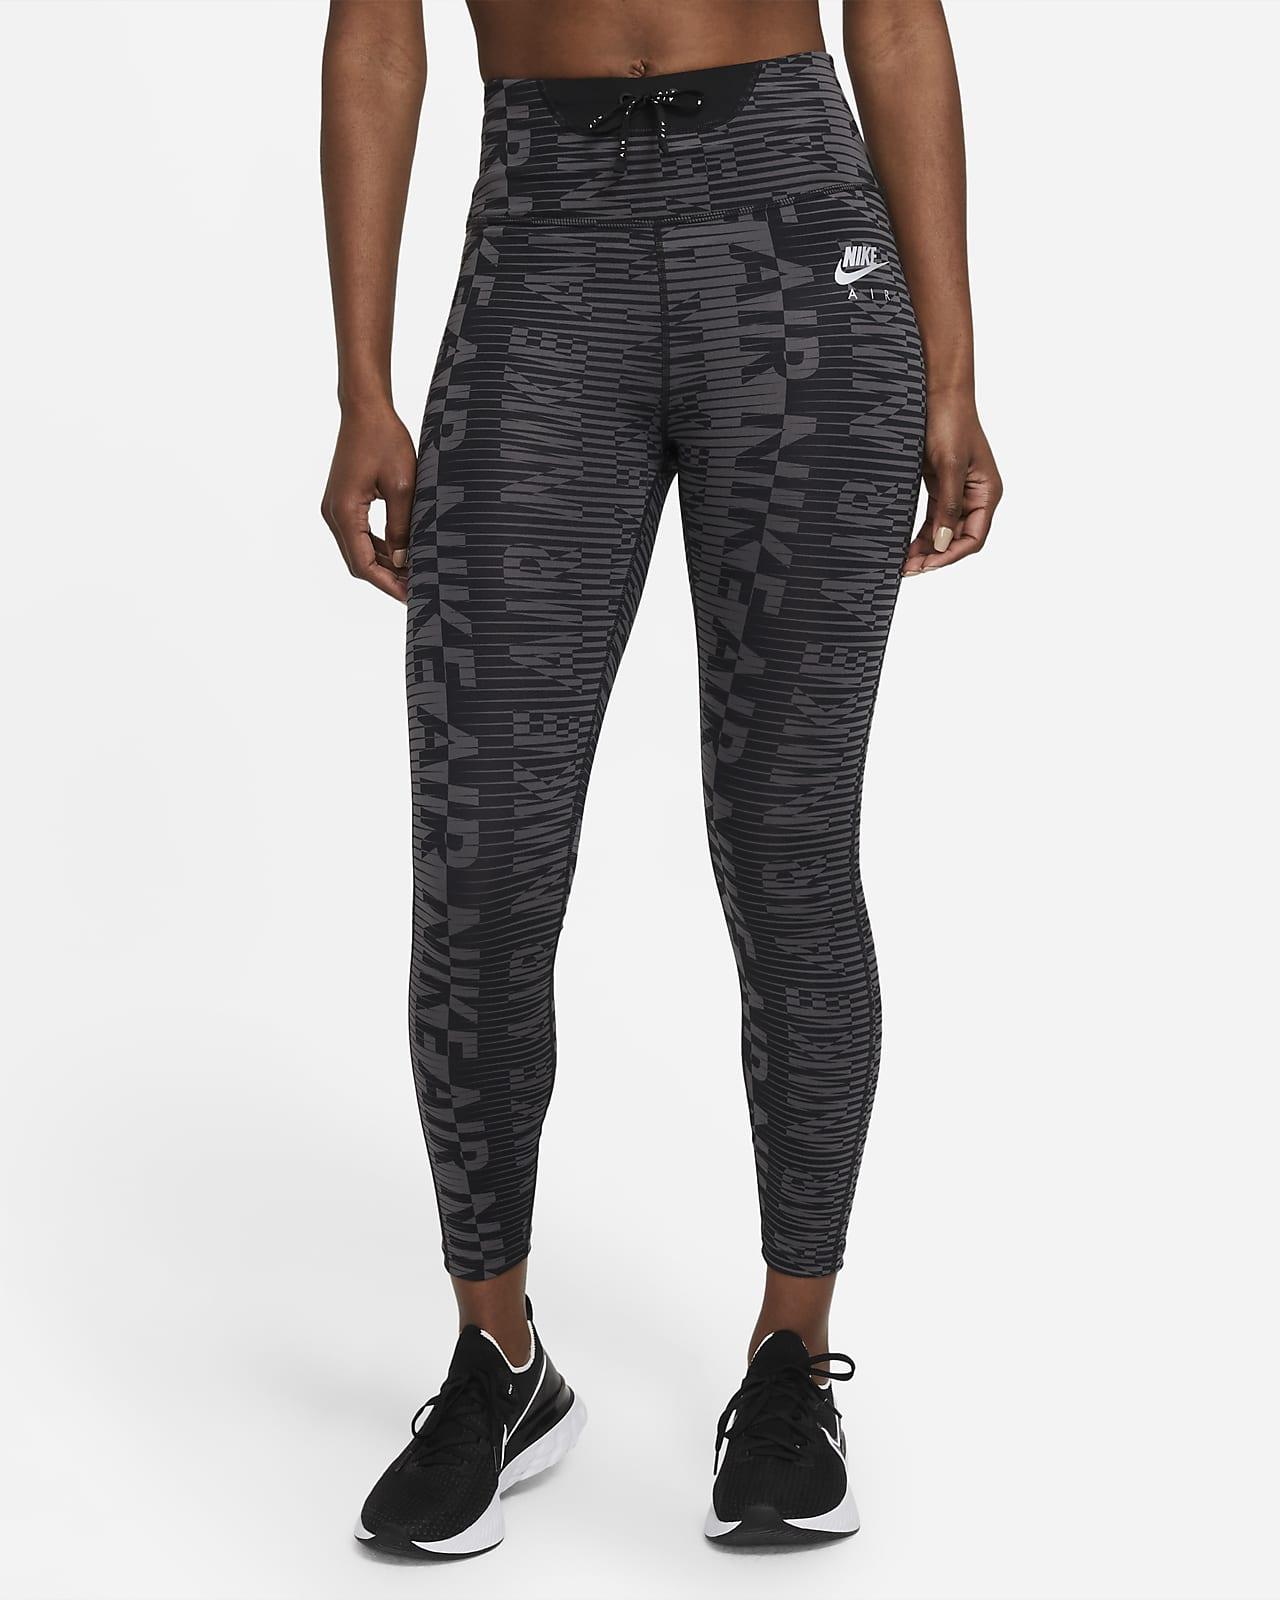 Nike Air Epic Fast 女款高腰印花跑步九分內搭褲